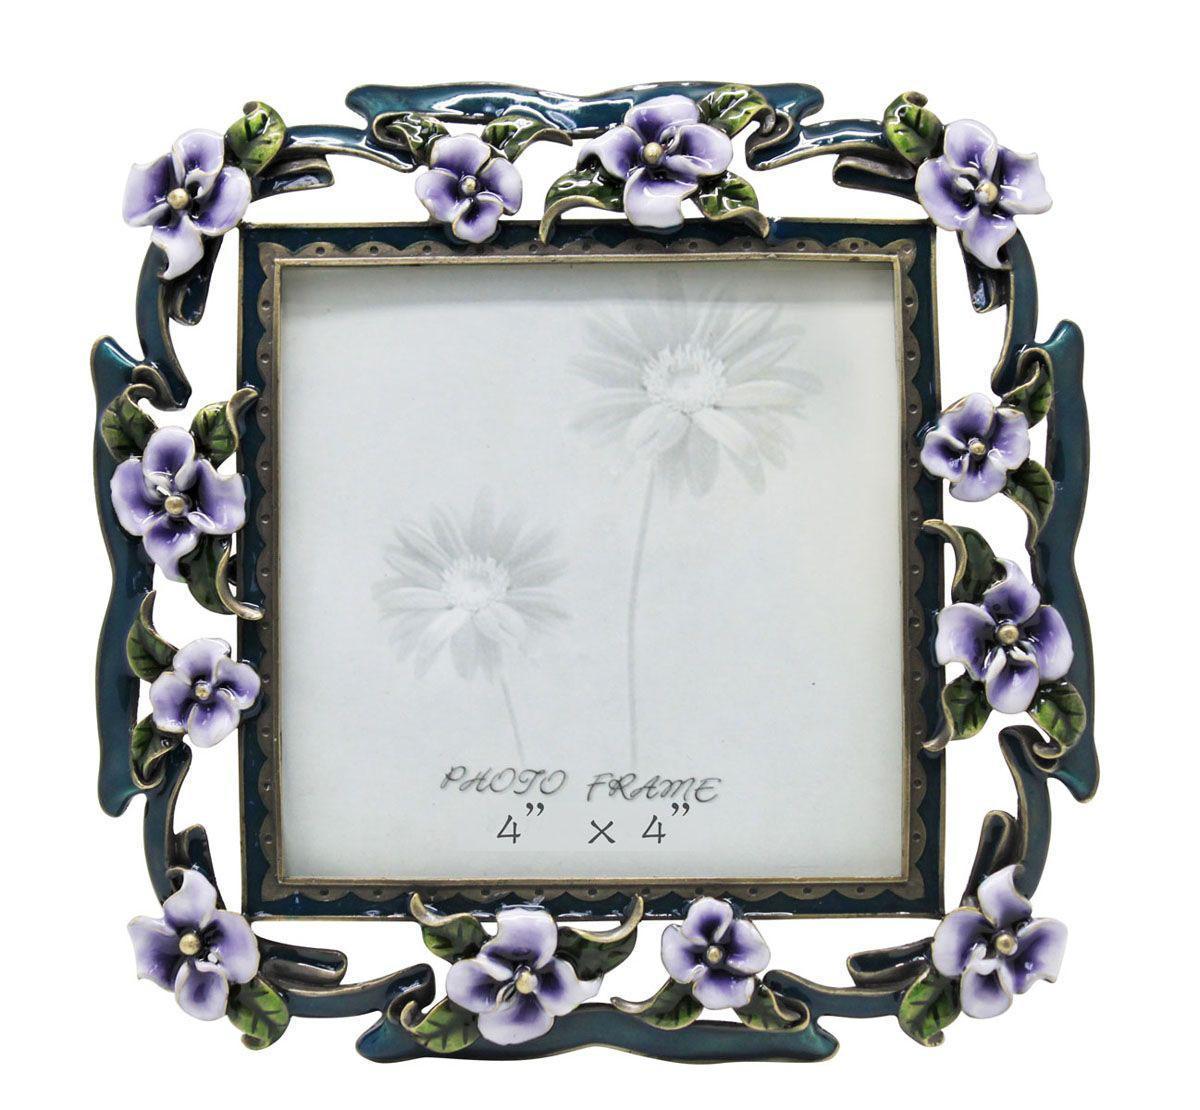 Рамка для фотографий Jardin DEte Сиреневые цветы, 10 см х 10 см. HS-25010EHS-25010EИзящная рамка для фотографий Jardin DEte Сиреневые цветы выполнена из сплава олова, покрытого эпоксидной смолой. С задней стороны имеется ножка для удобного размещения. Такая рамка позволит хранить на самом видном месте фотографию ваших родных и близких, а также великолепно украсит интерьер помещения.